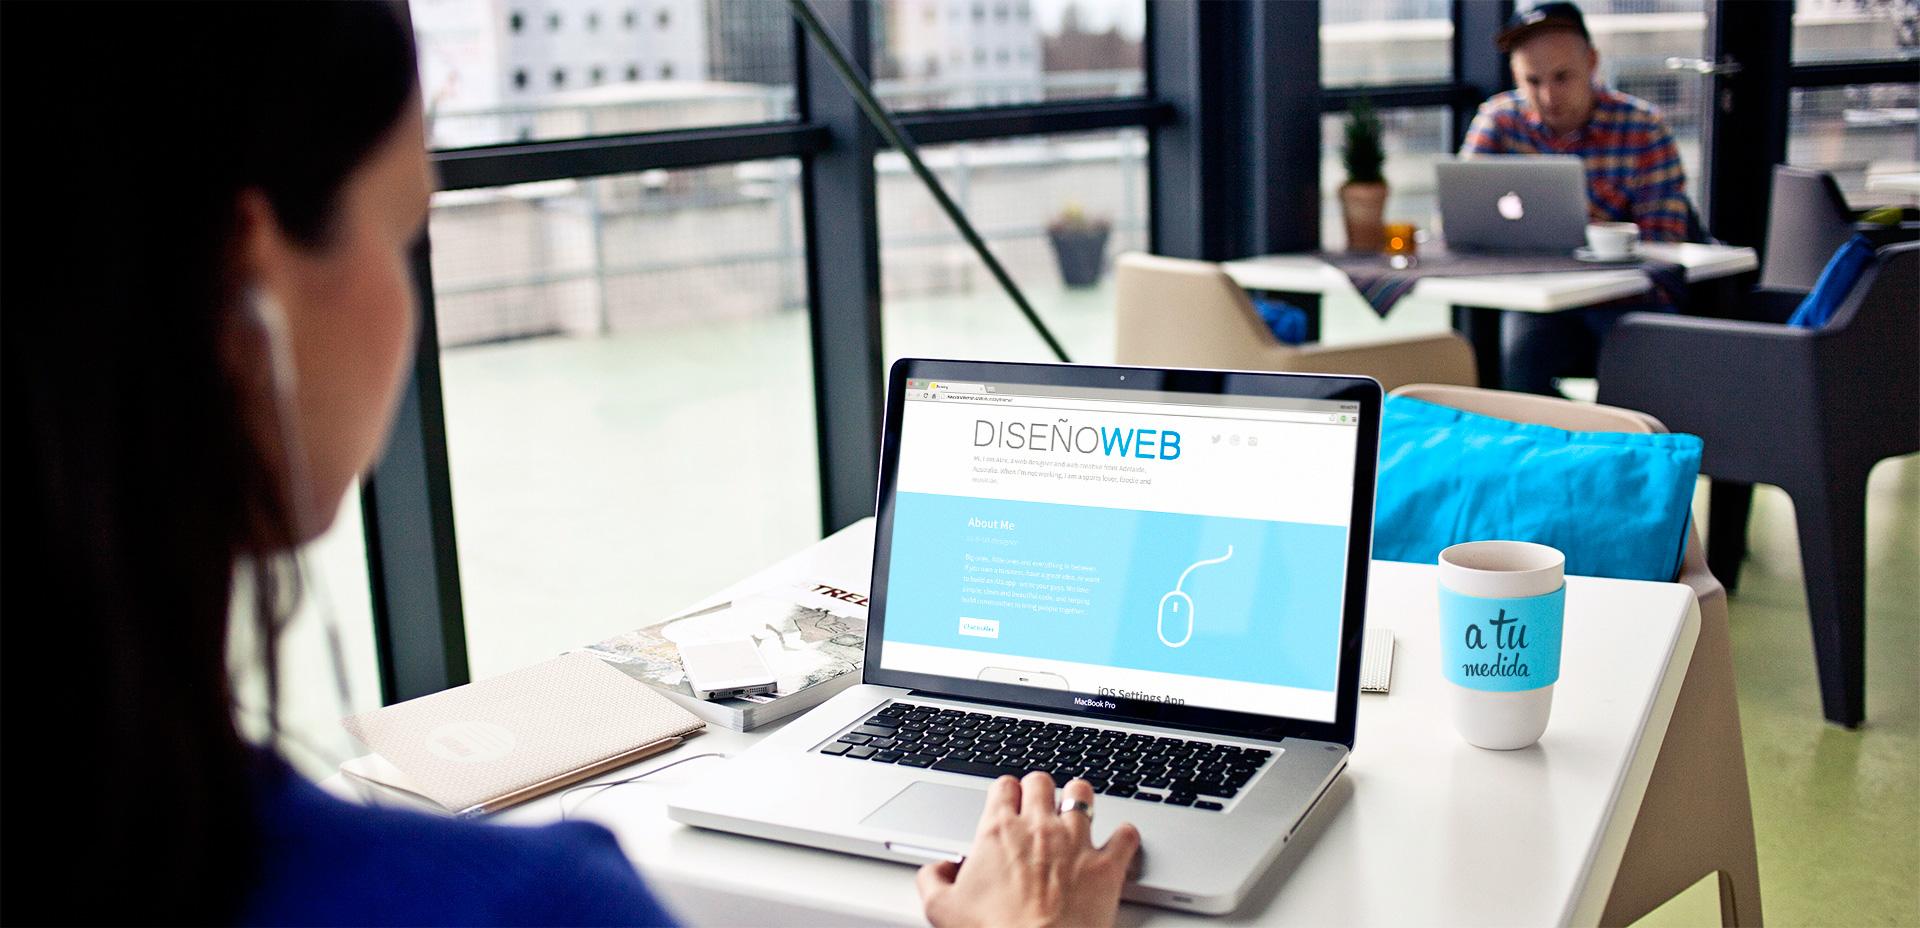 diseño web albacete, diseño web, estudio de diseño web, web albacete, programación web, krema